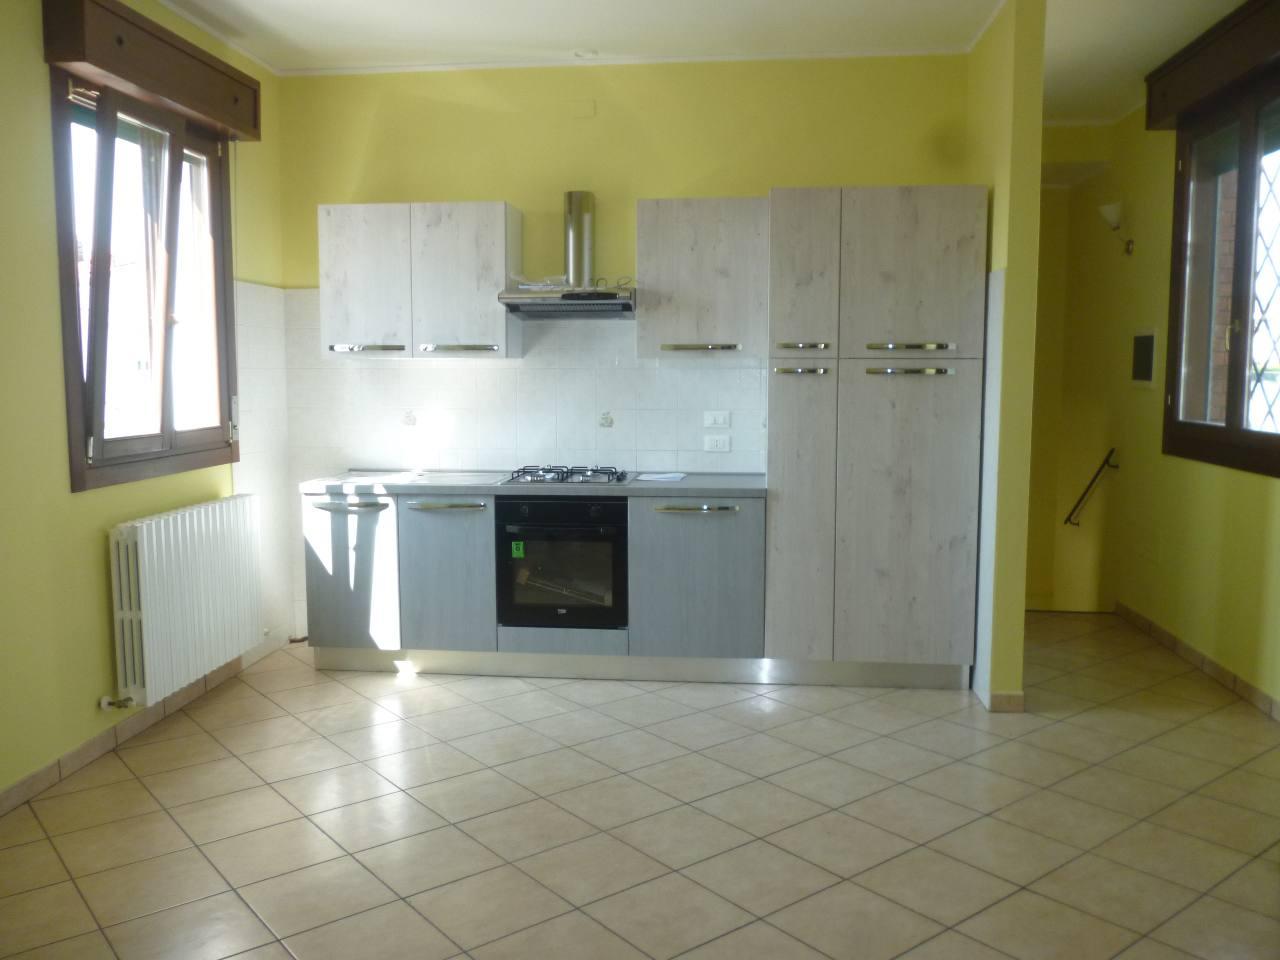 Appartamento in affitto a Ferrara, 1 locali, zona Zona: Cona, prezzo € 450 | Cambio Casa.it